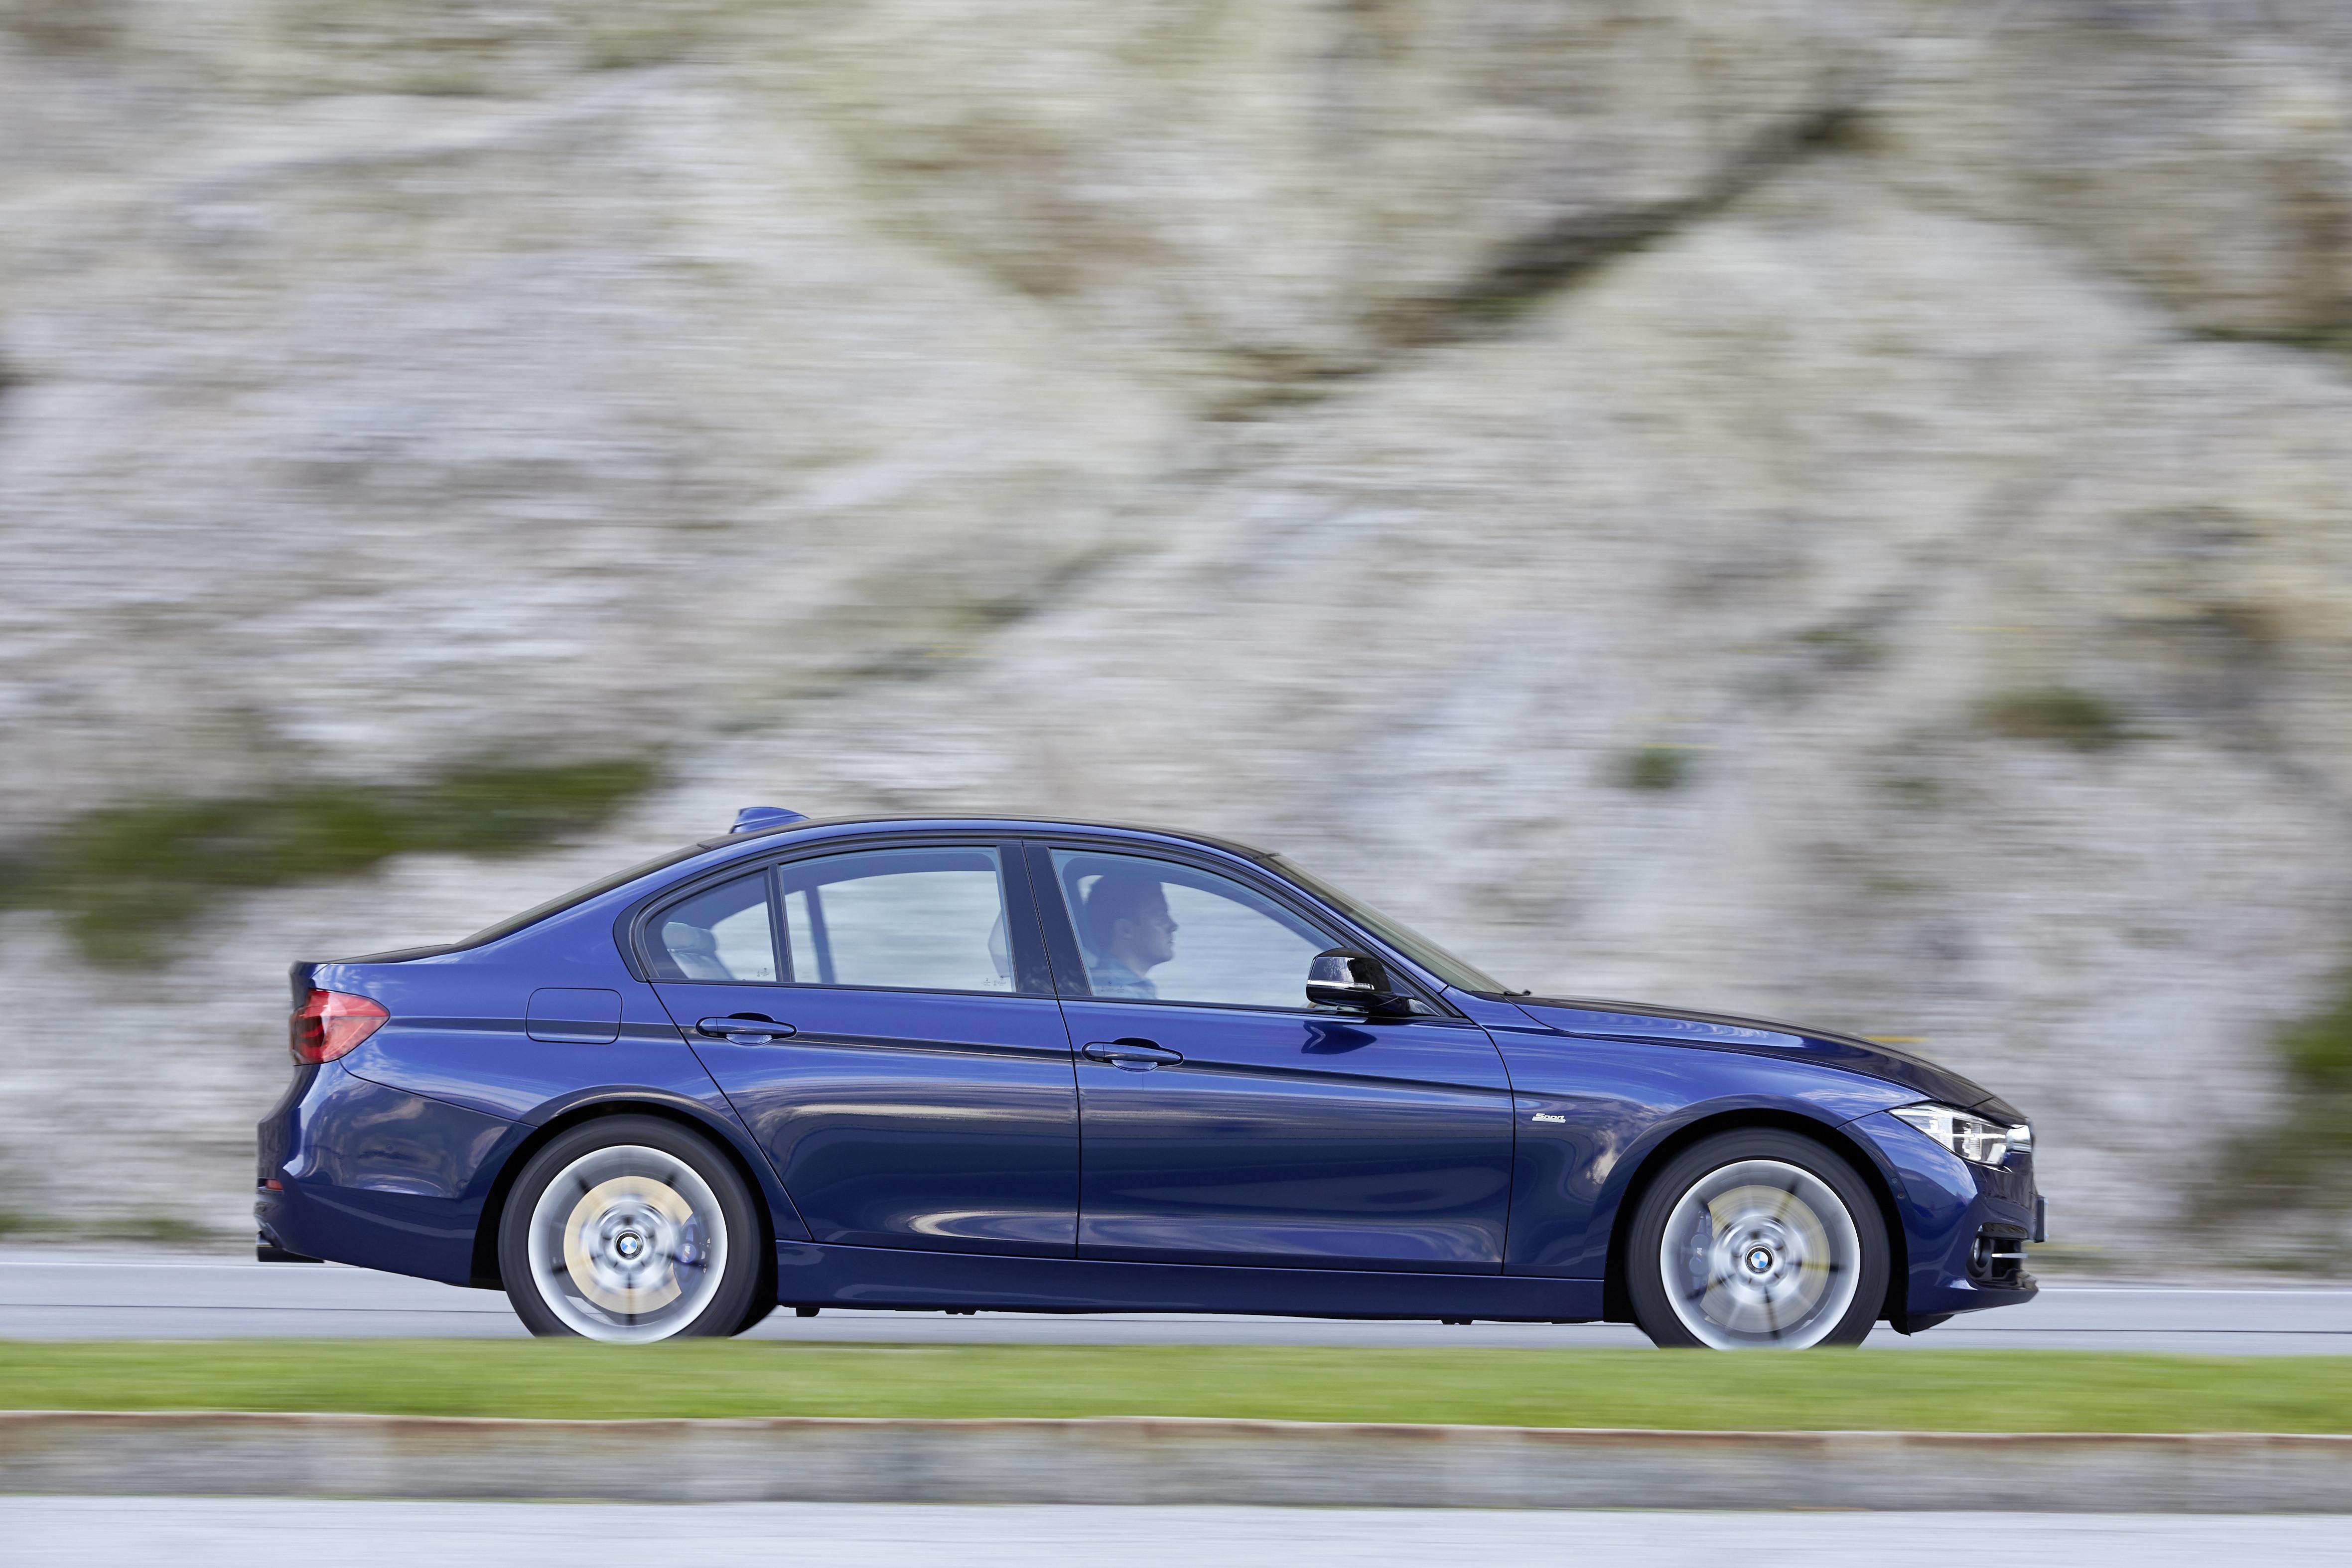 fotos de BMW Série 3 alta